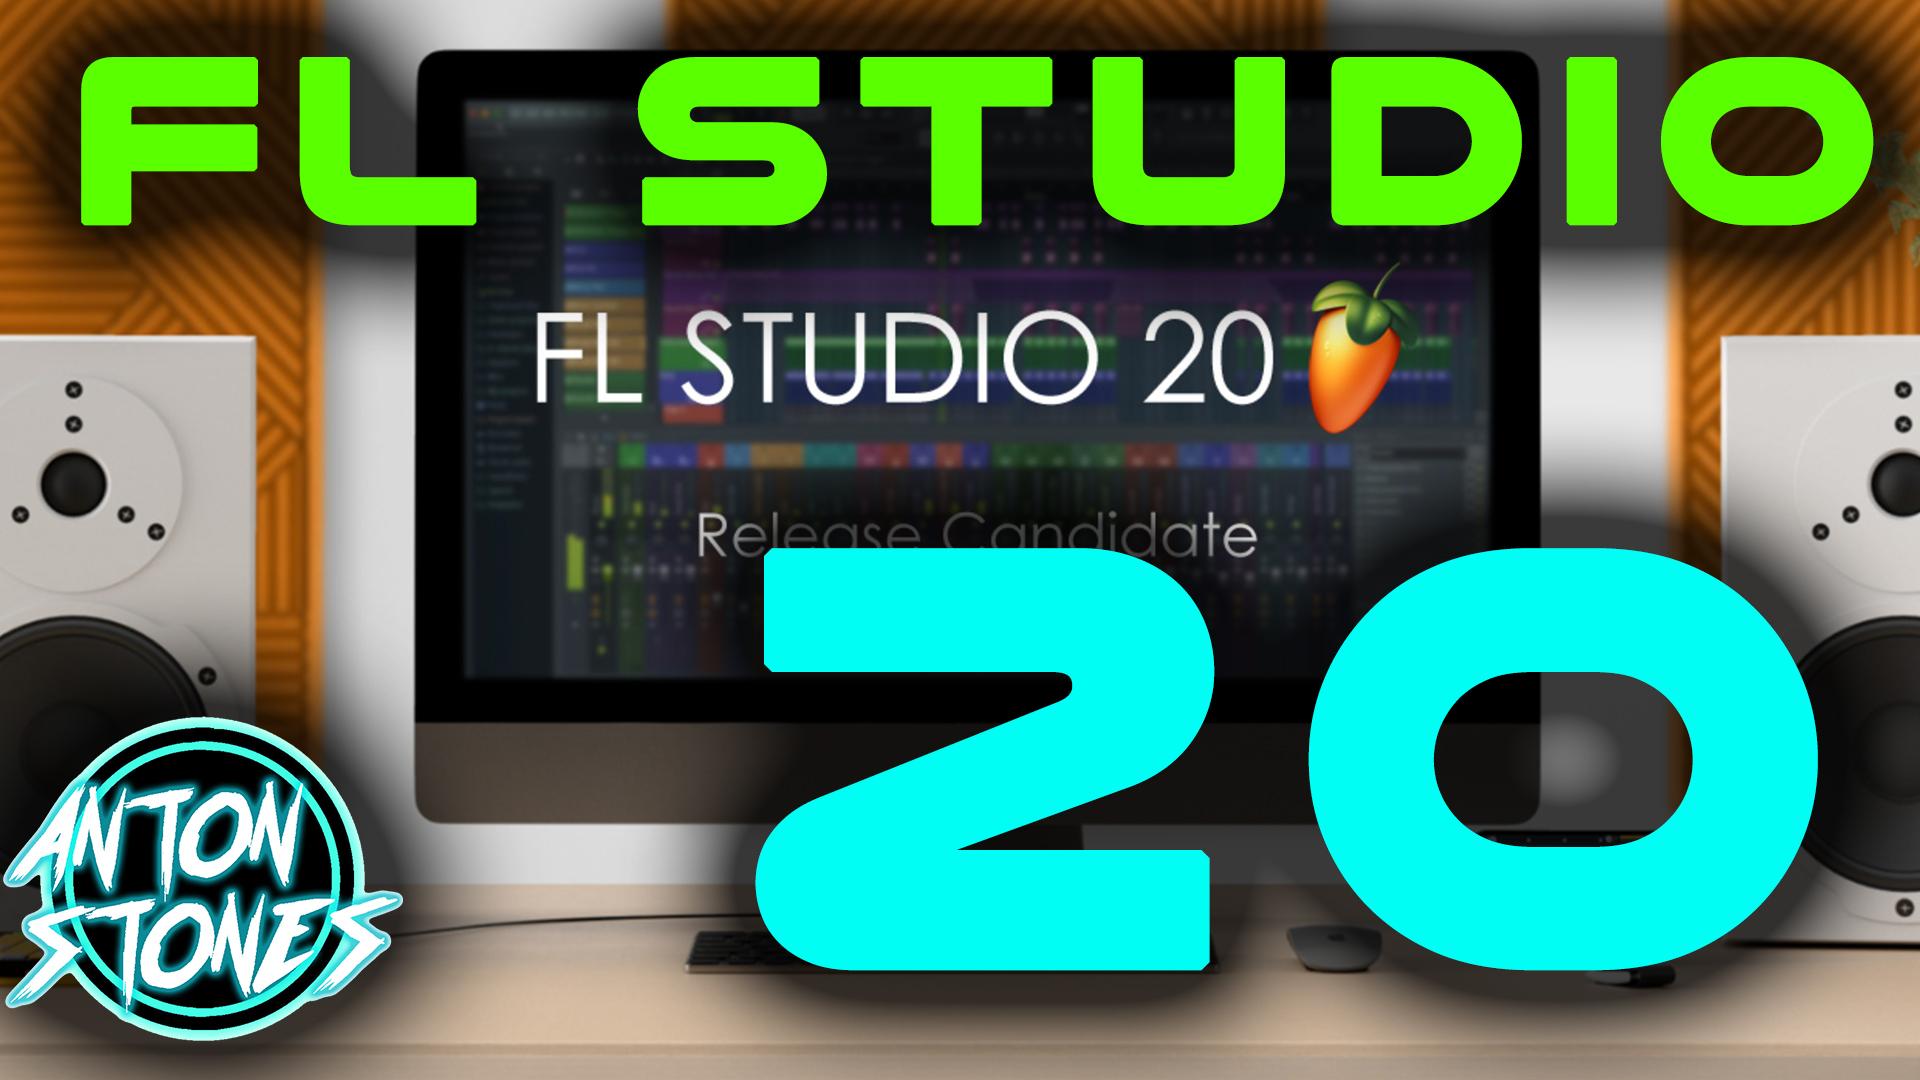 fl studiooo 20.jpg